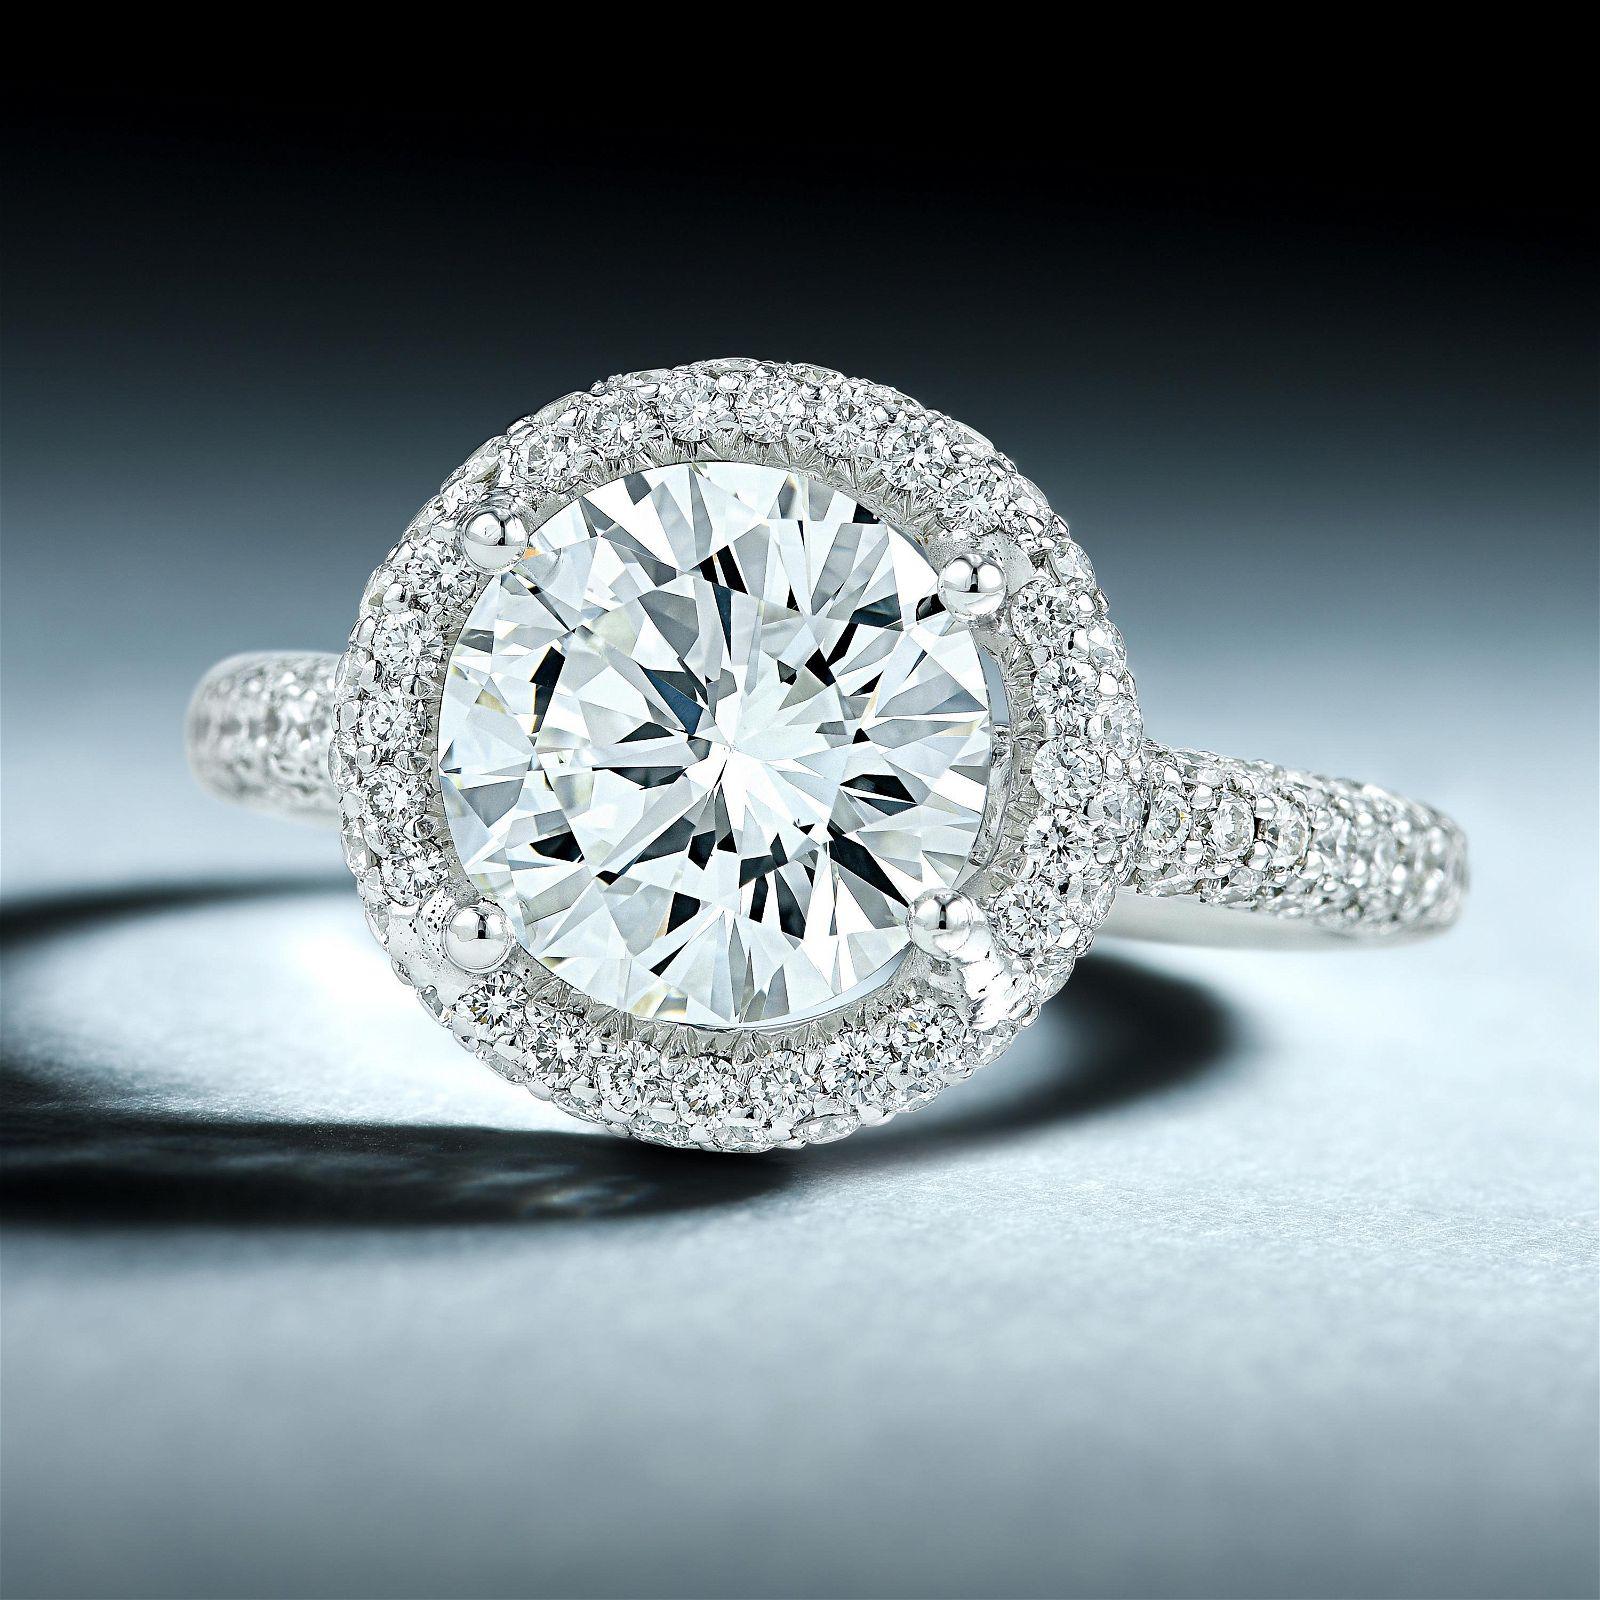 2.02-Carat Round Brilliant-Cut Diamond Ring